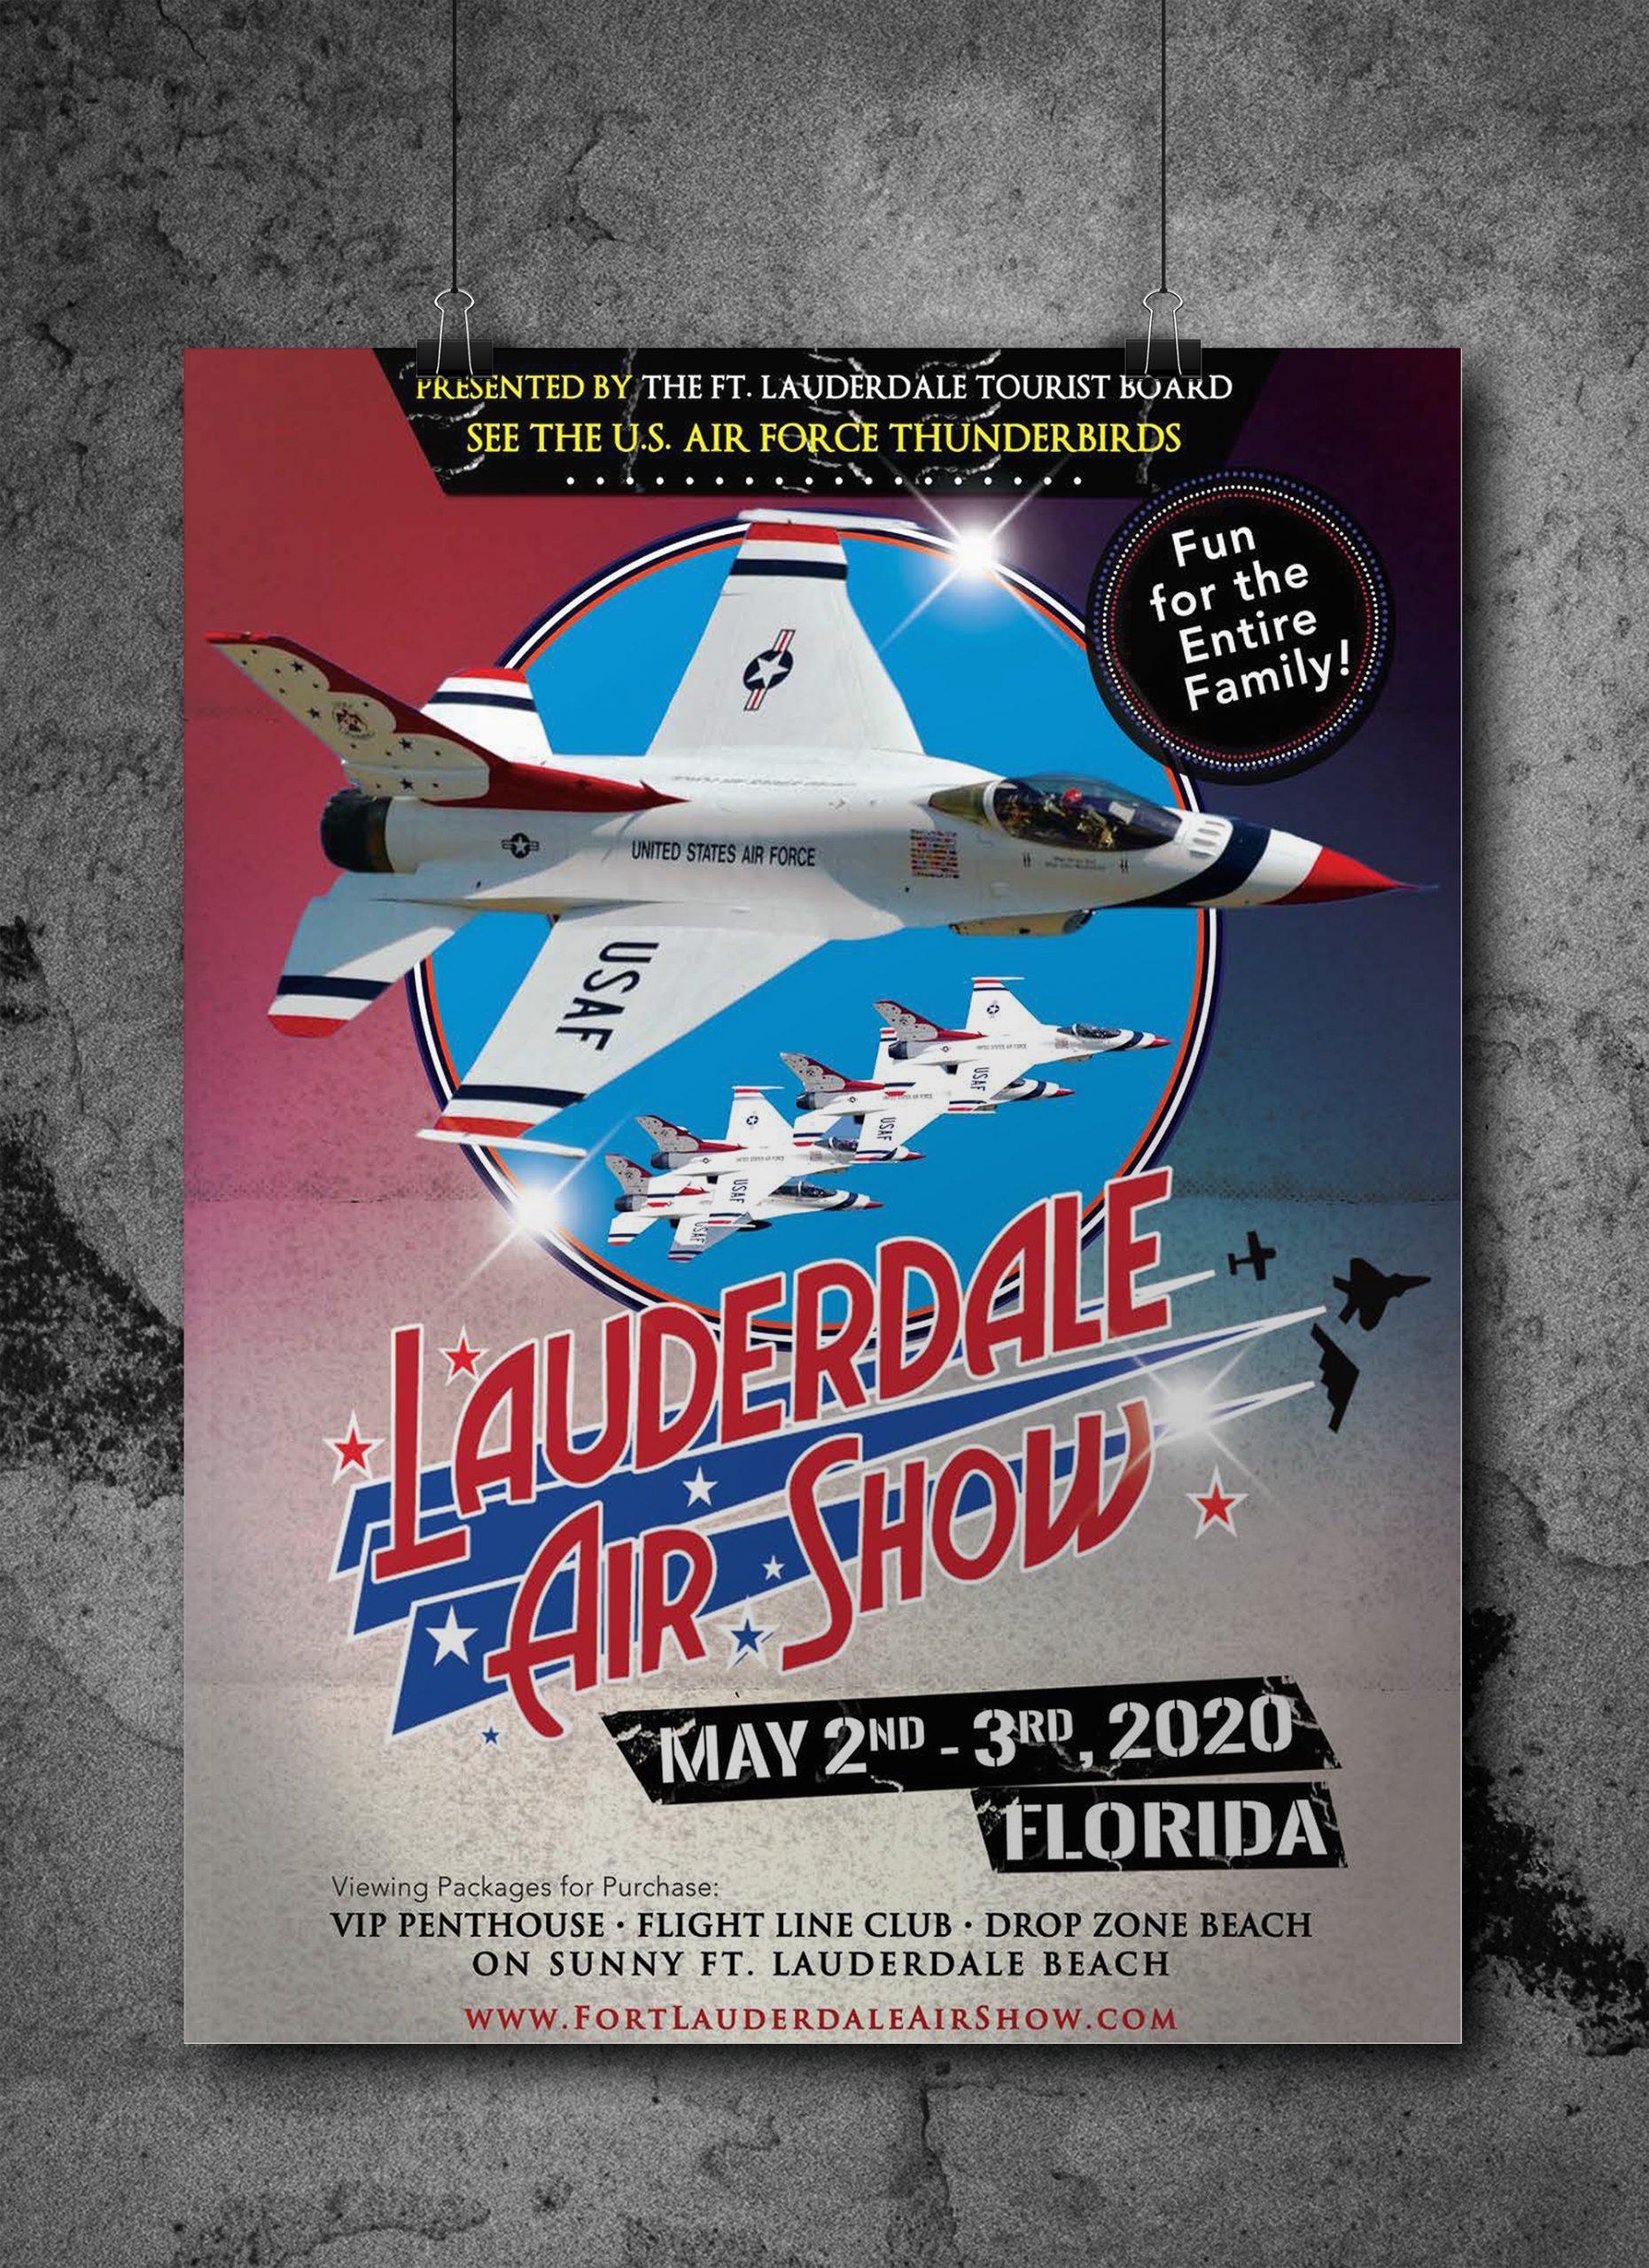 Air Show Marketing Piece